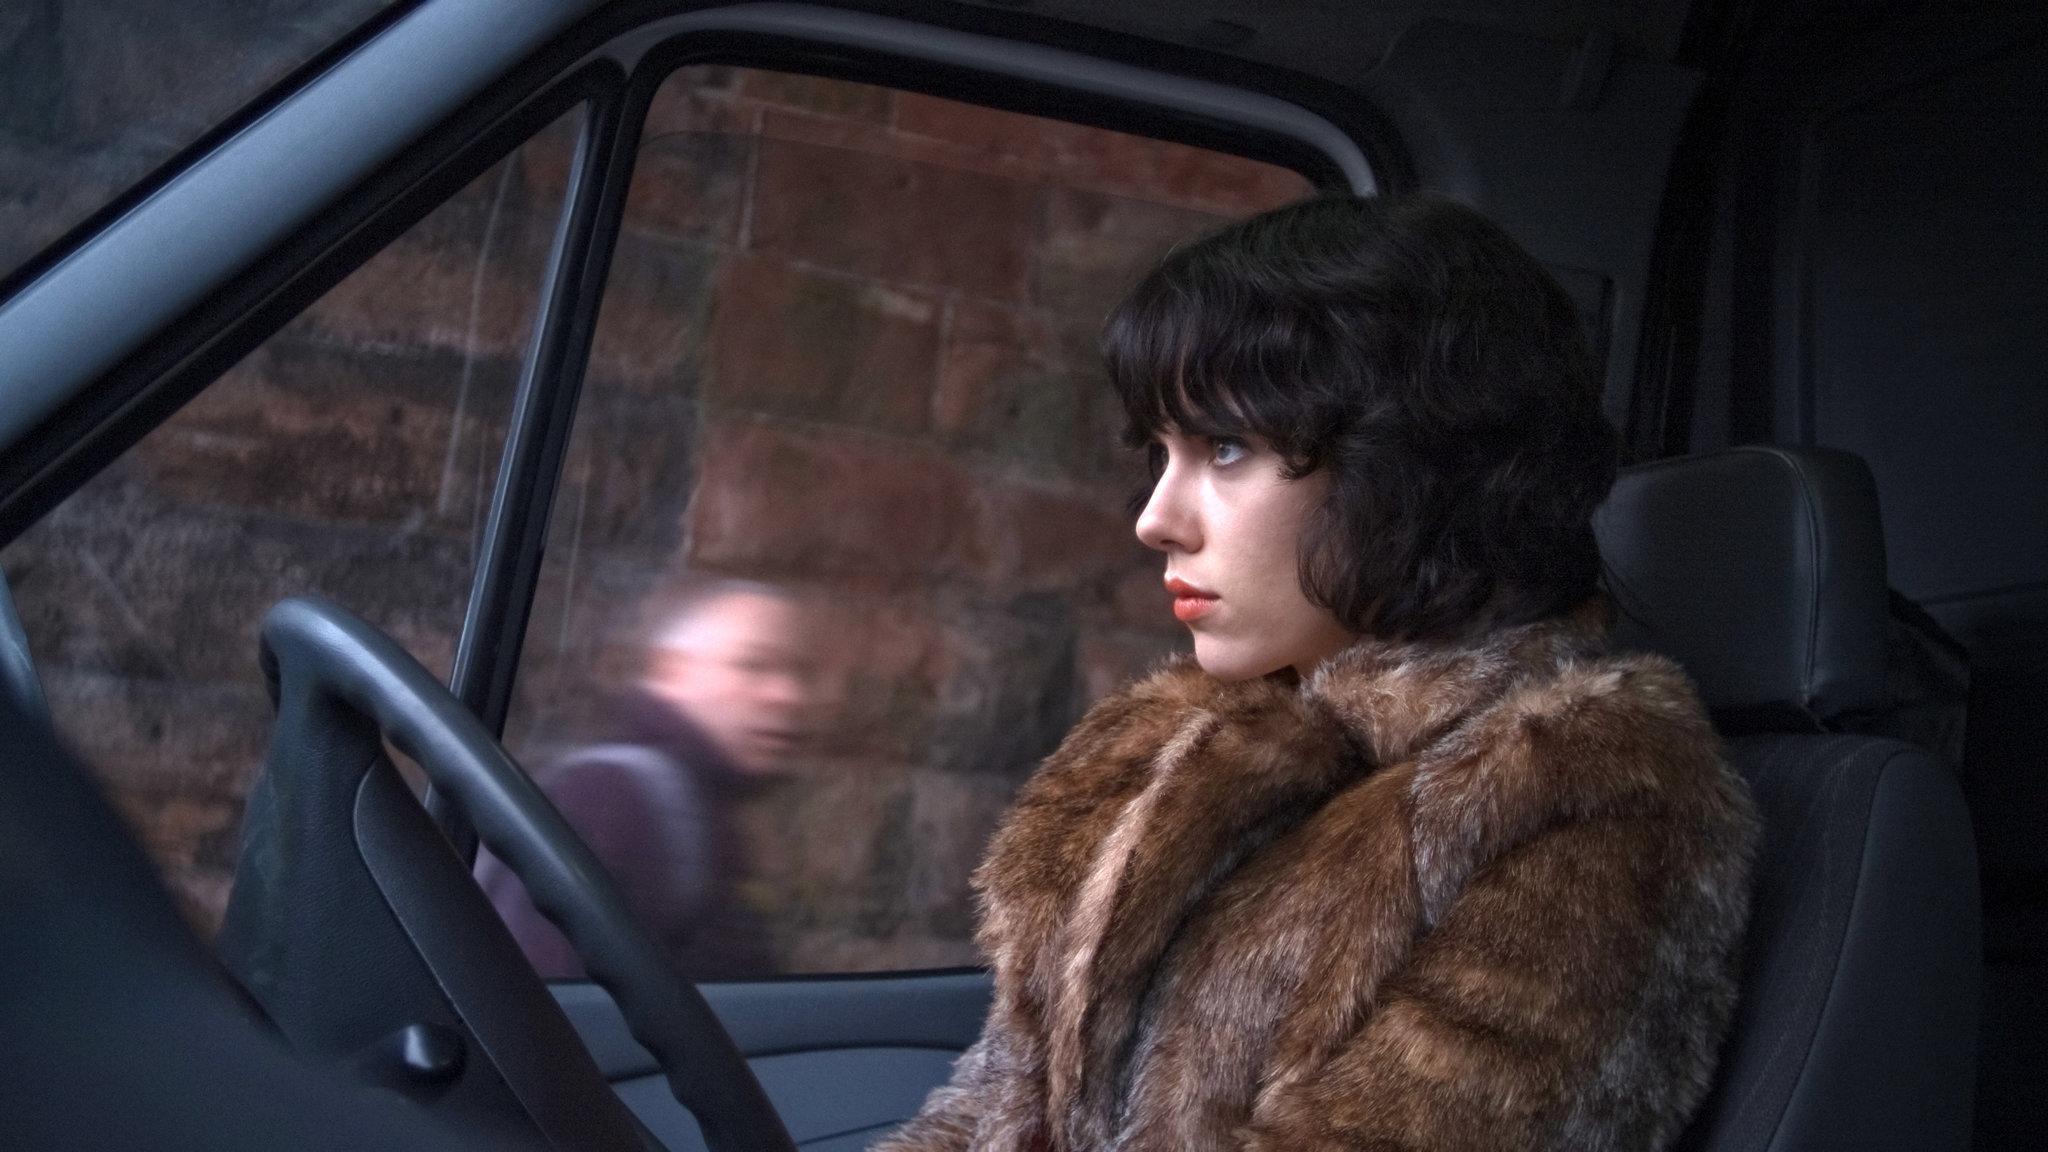 ژانر وحشت و اسکار؛ فیلمهایی که توسط آکادمی نادیده گرفته شدند